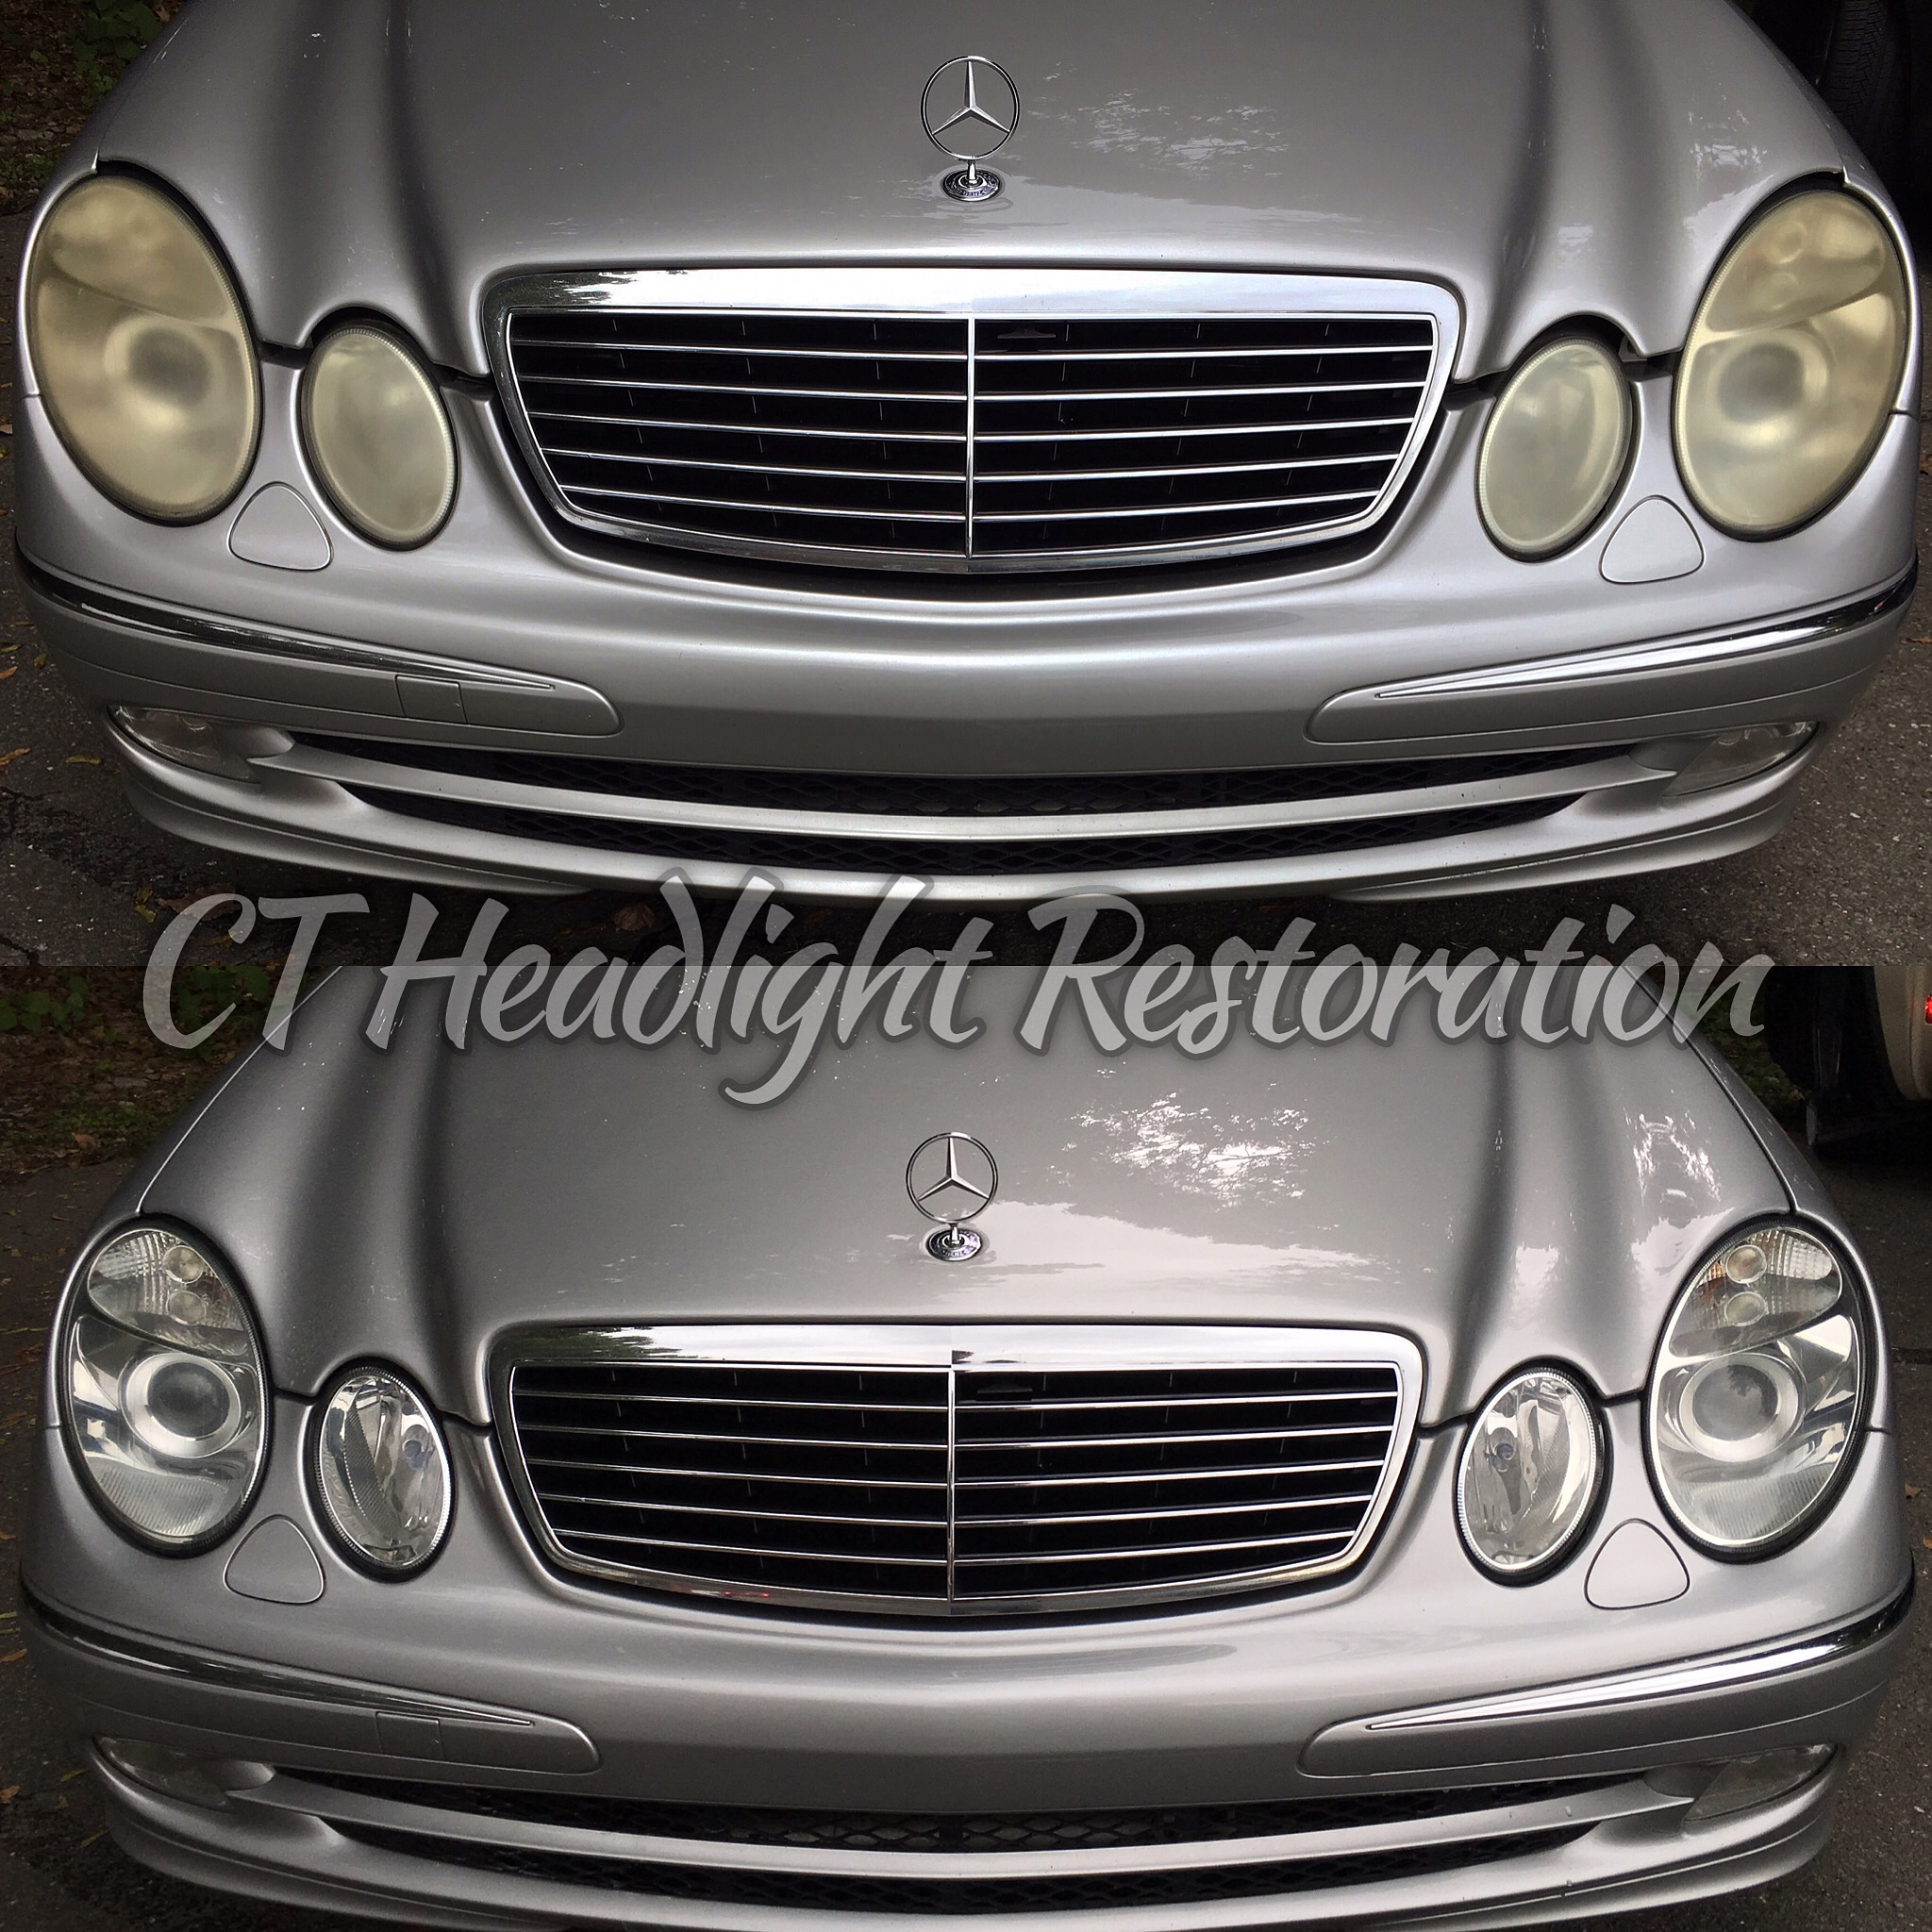 Mercedes Benz E-Class Yellow Headlight Fix.jpg